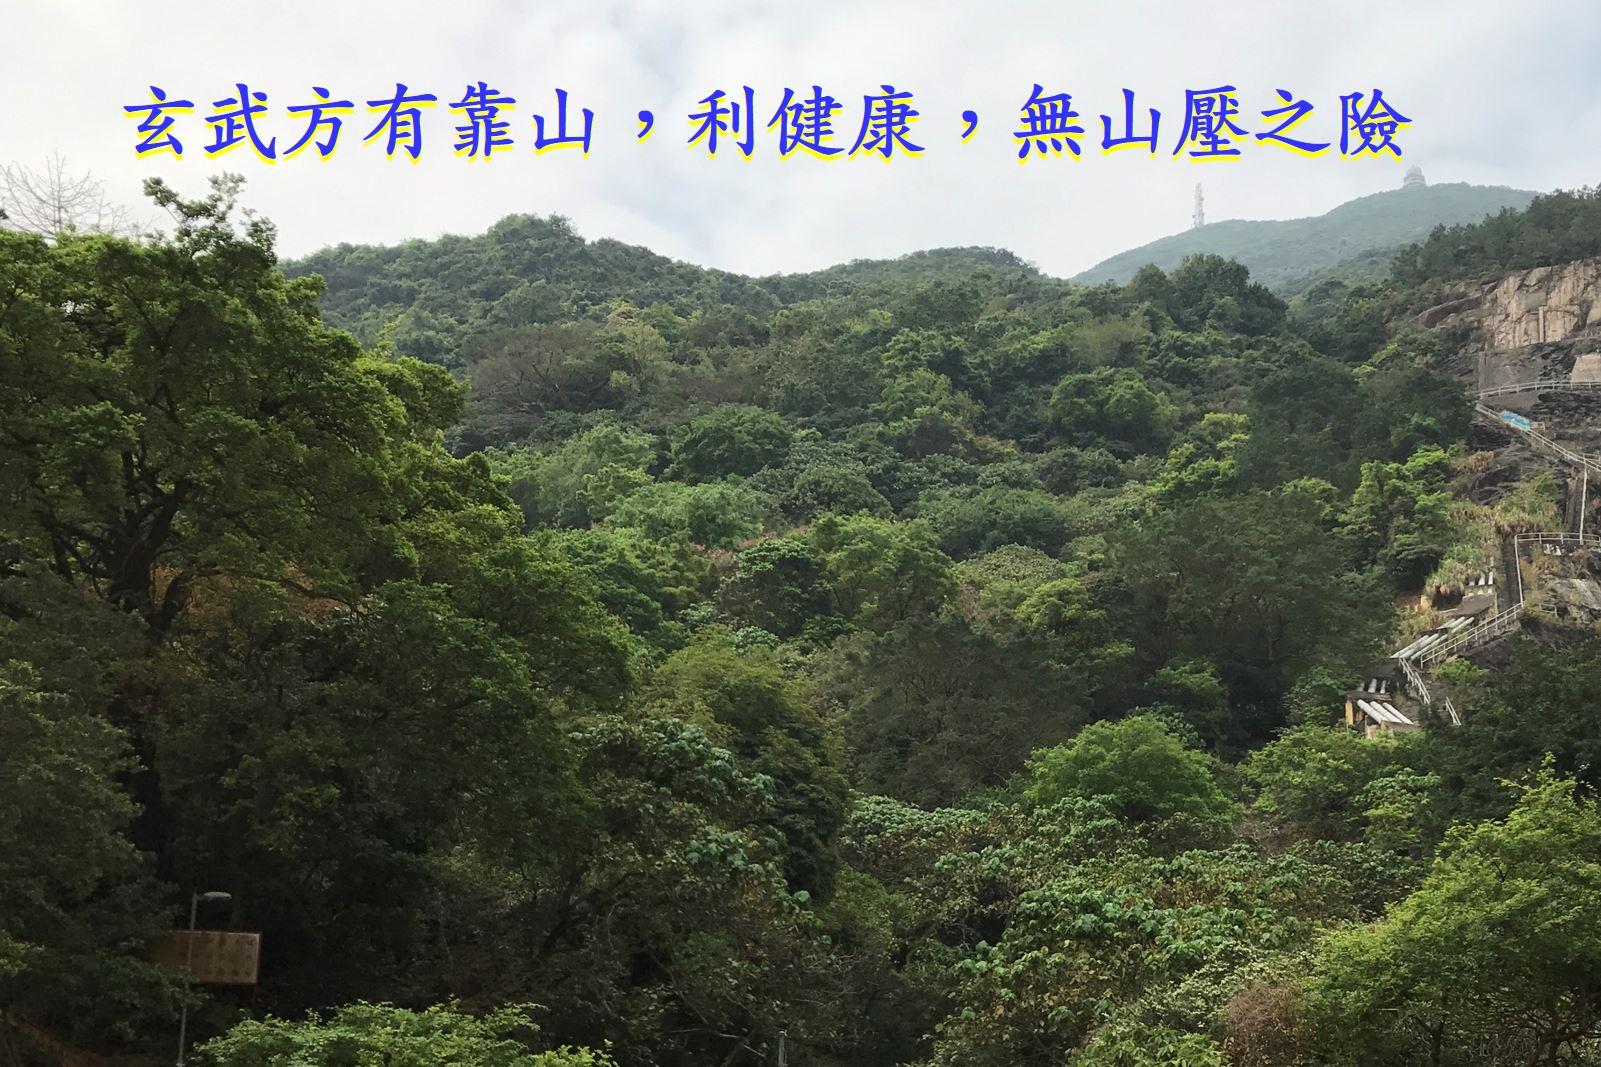 (156) (筲箕灣) 形薈 Lime Gala-風水樓王 - 玄空館